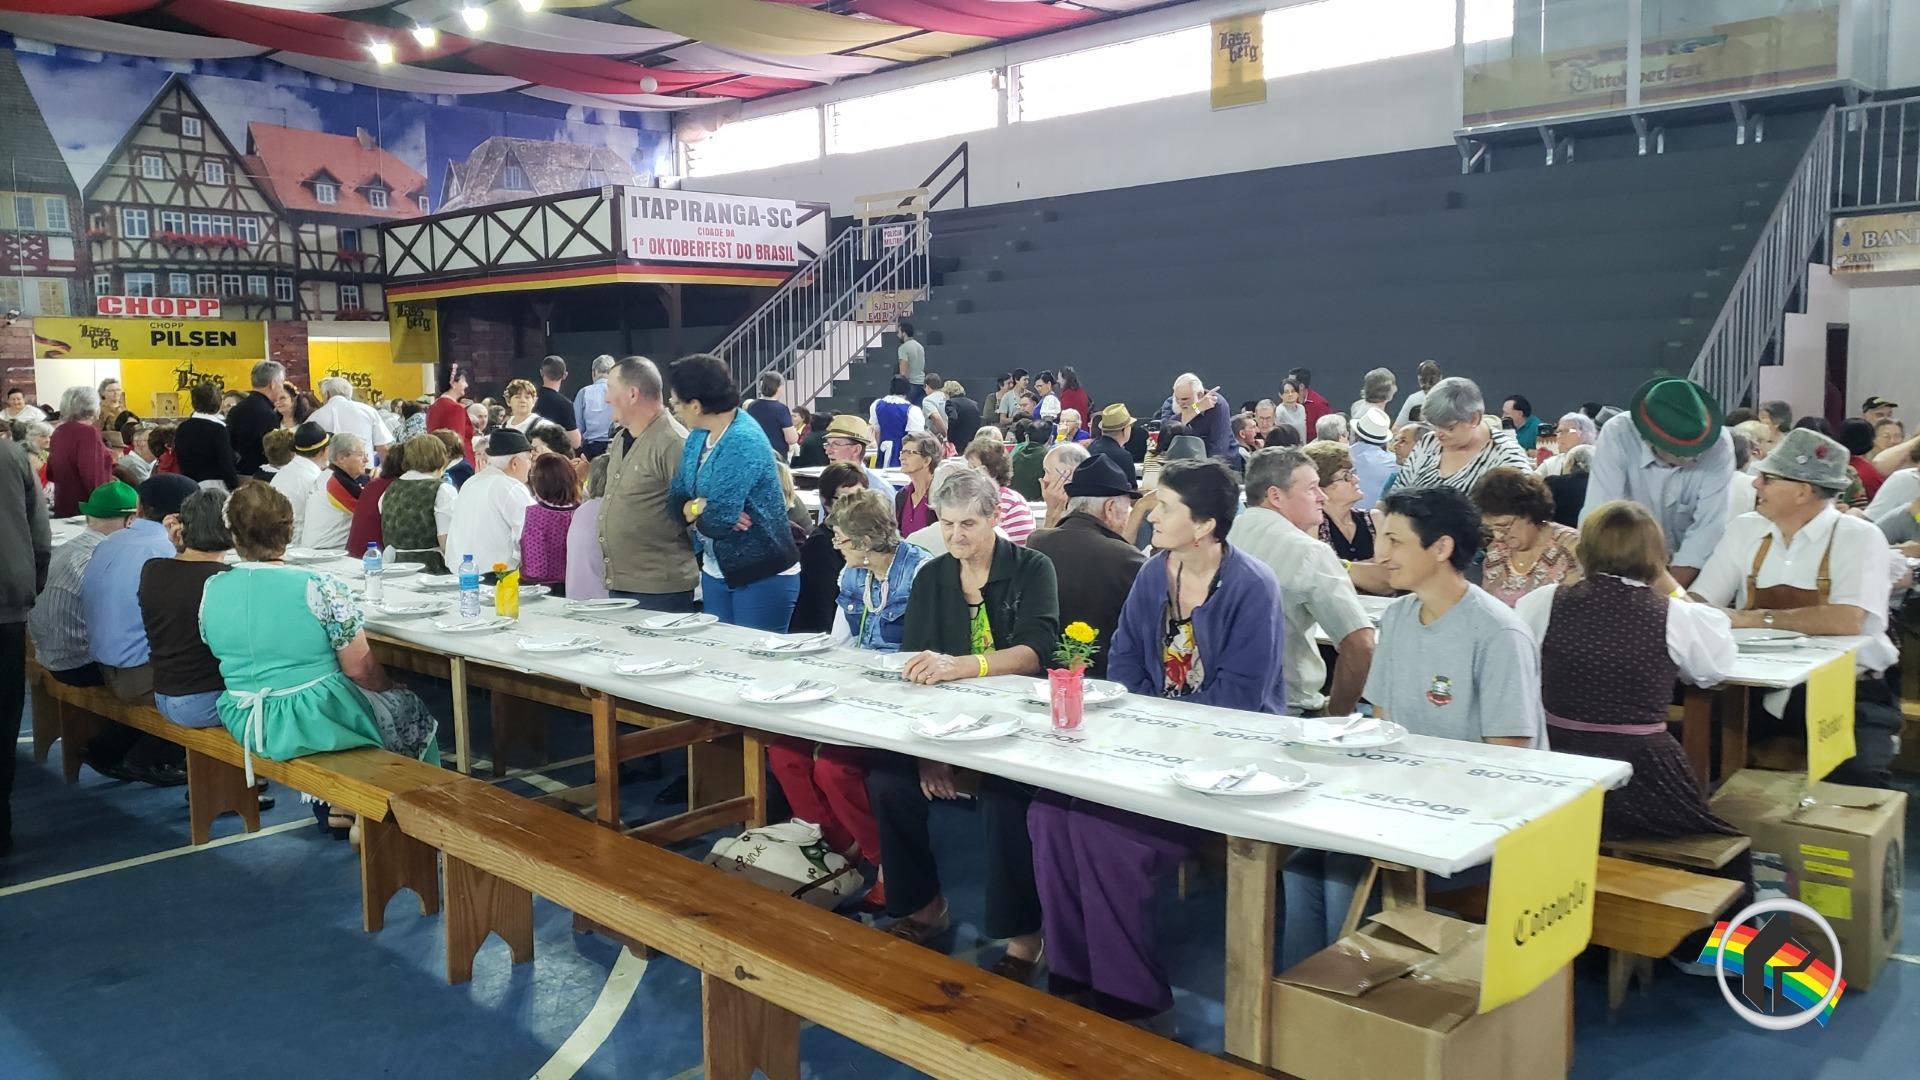 Evento para os idosos abre a 40ª Oktoberfest na cidade de Itapiranga